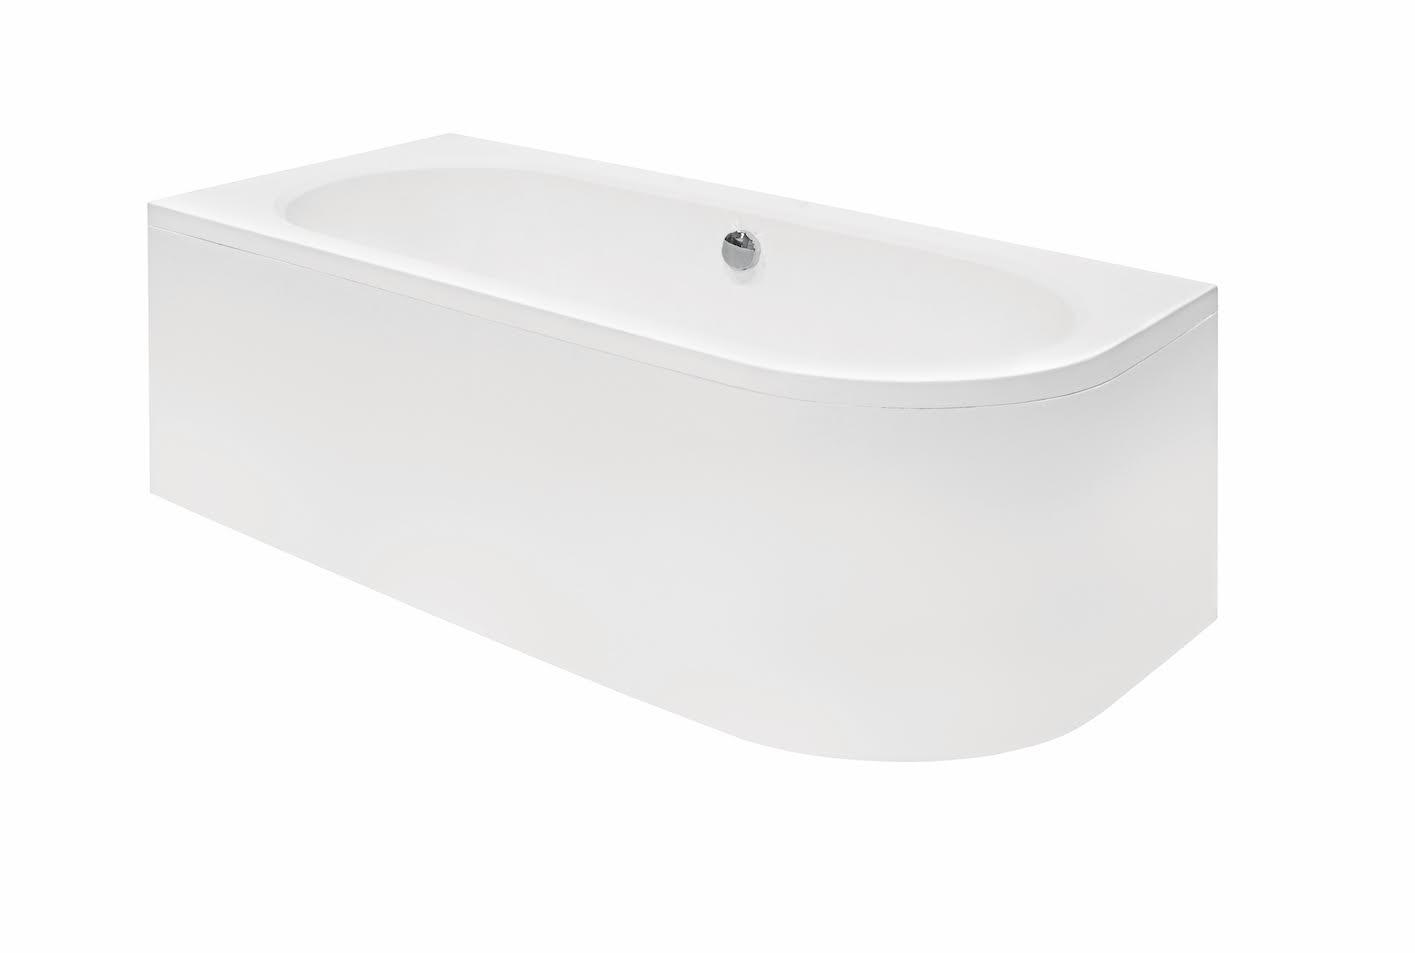 Вид на акриловую ванну Besco сбоку.